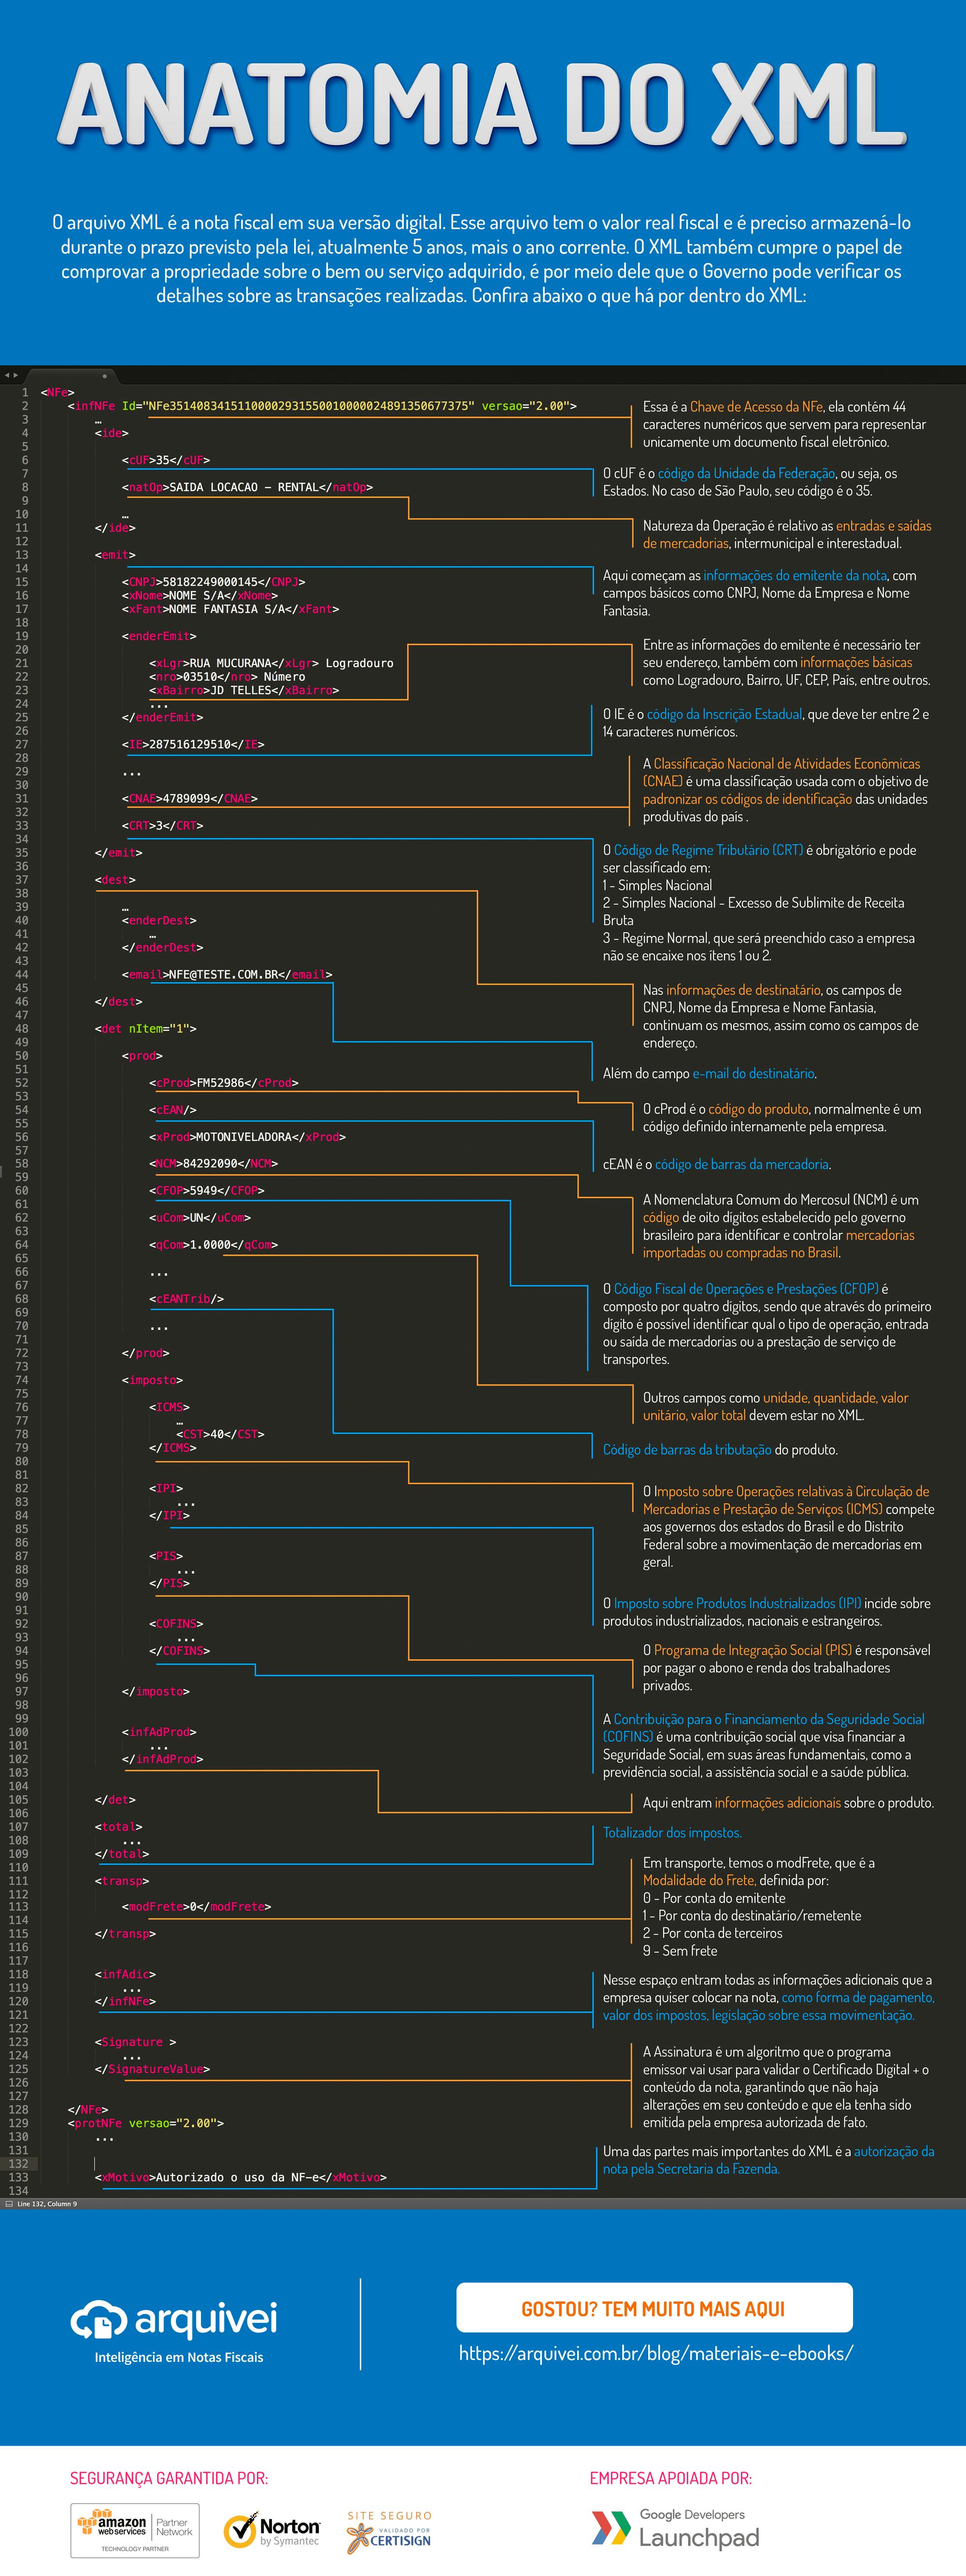 Entenda a Anatomia do XML. Foto: Divulgação/Arquivei